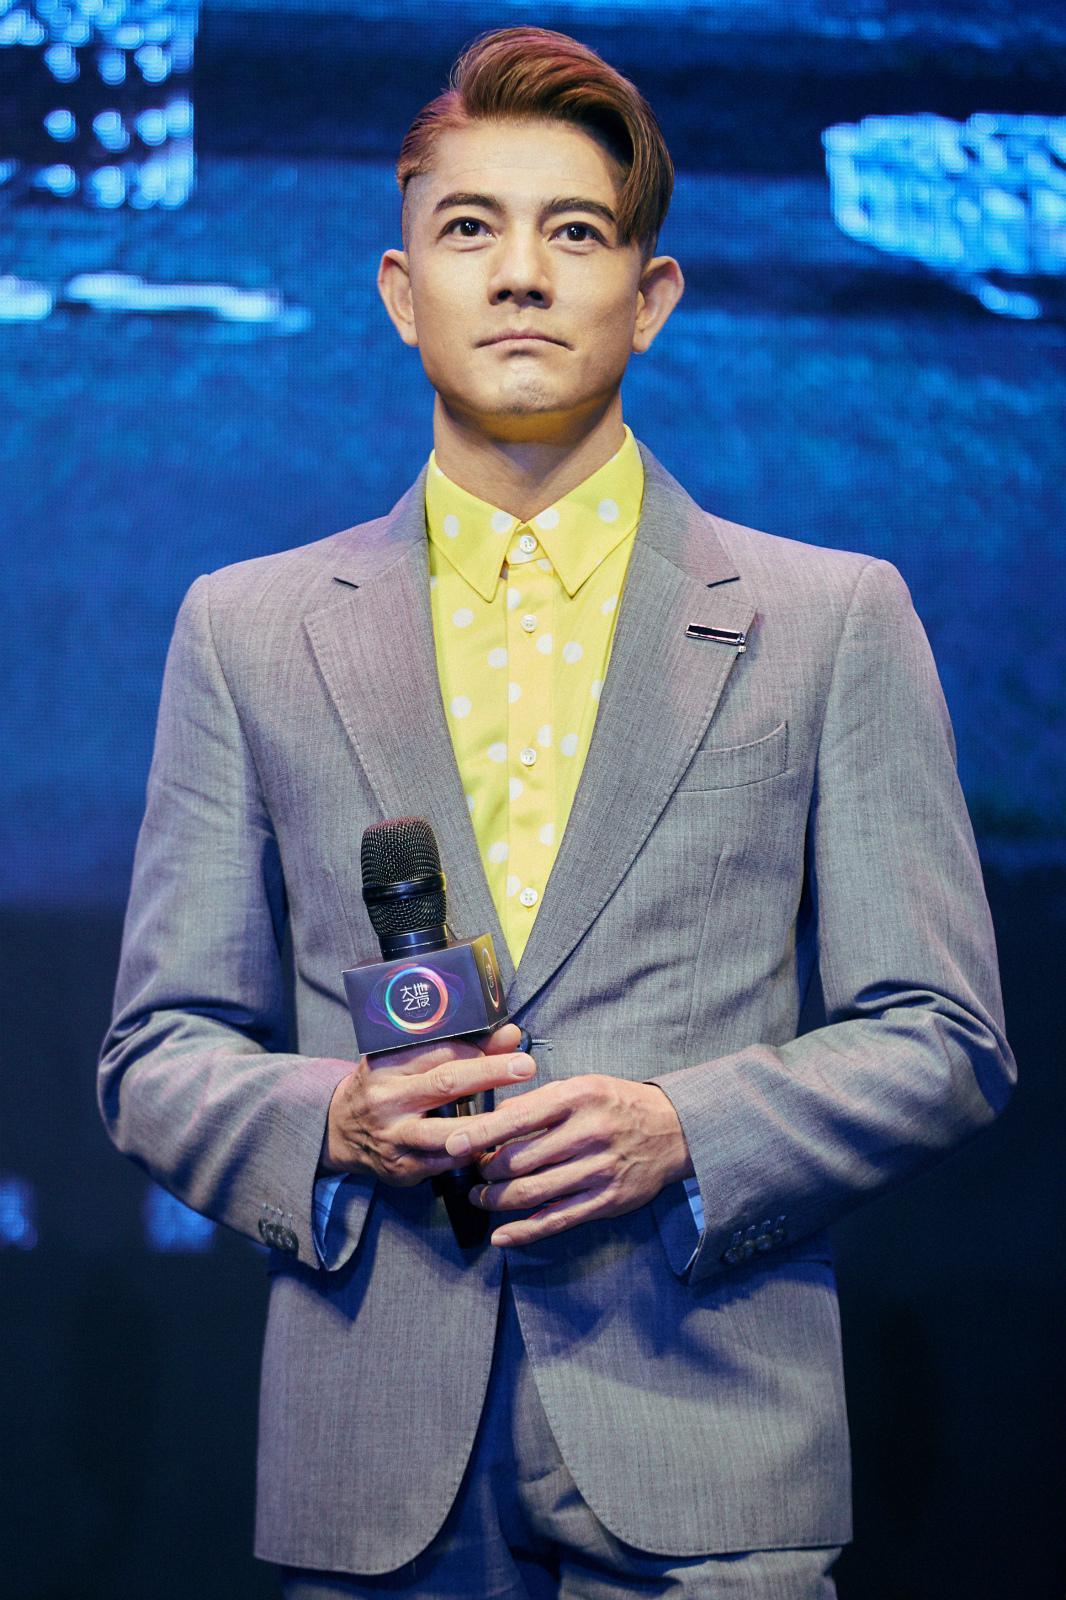 郭富城新角色挑战60岁年龄跨度 现场认真学普通话